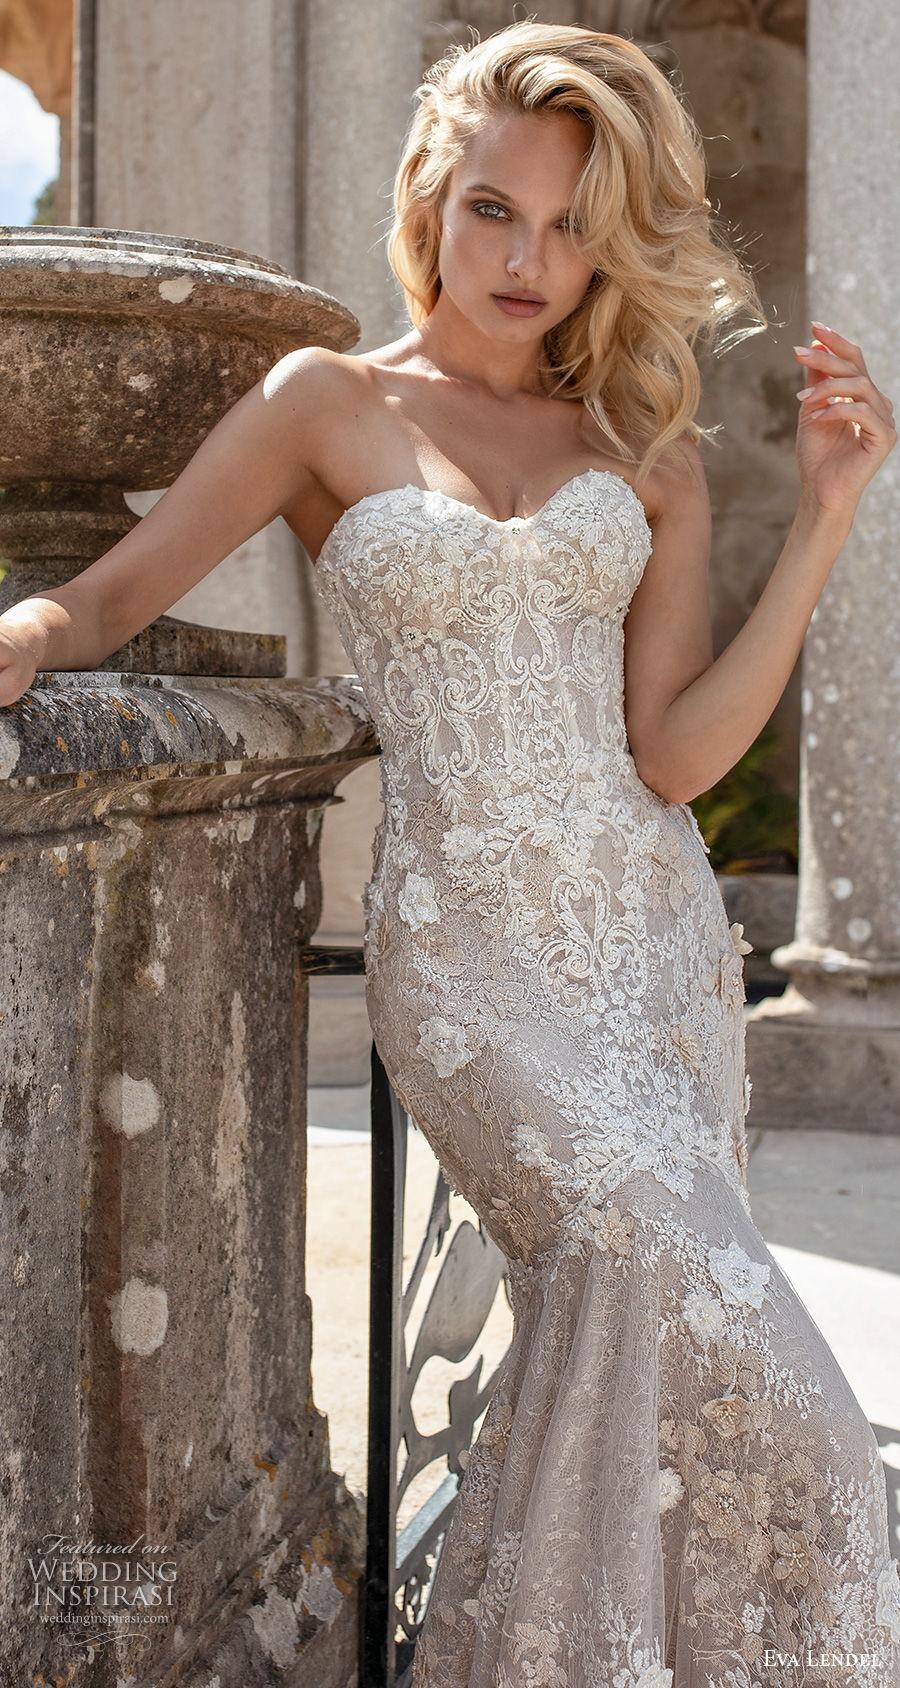 eva lendel 2020 lisbon vibes bridal strapless sweetheart neckline full embellishment elegant fit and flare wedding dress mid back chapel train (9) zv